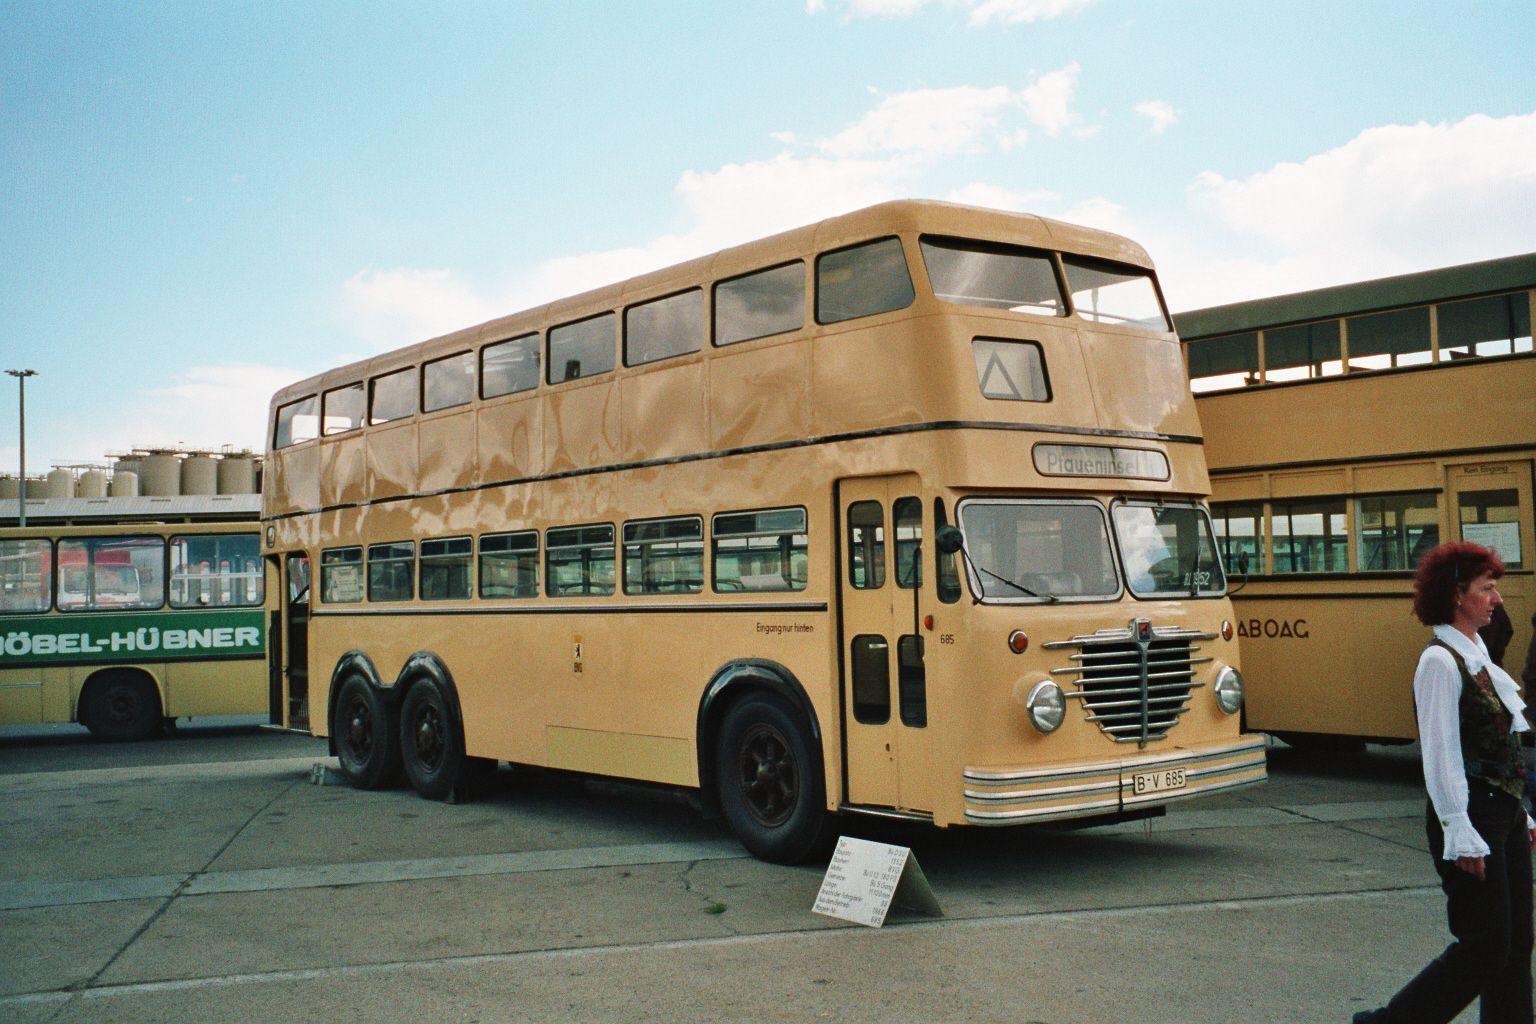 Bus 685